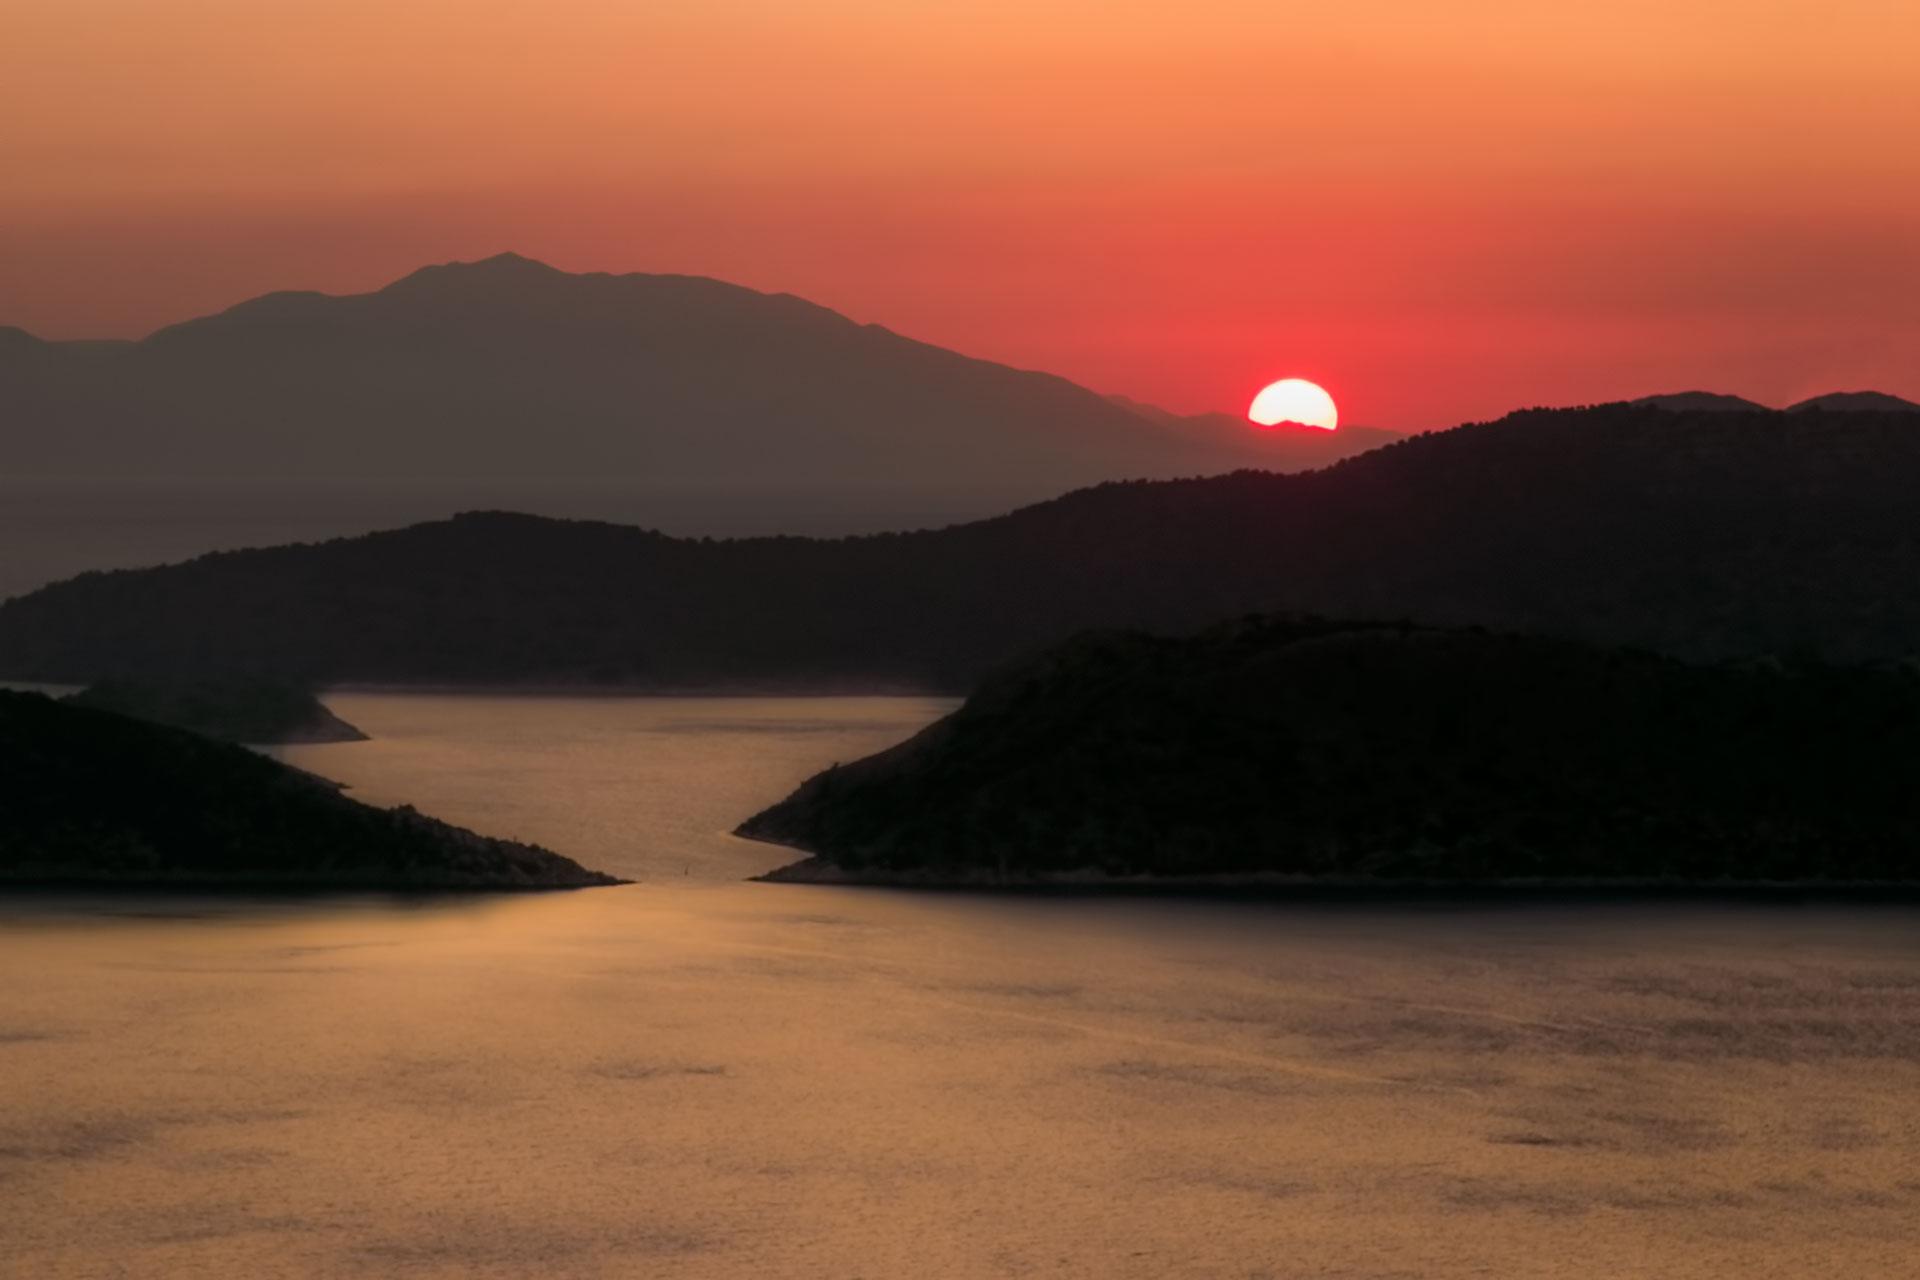 Söğüt Köyü Fotoğrafları Gün Batımı Marmaris Muğla Türkiye Çekergezer Hakan Aydın Fotoğrafları Gezgin Fotoğrafçı